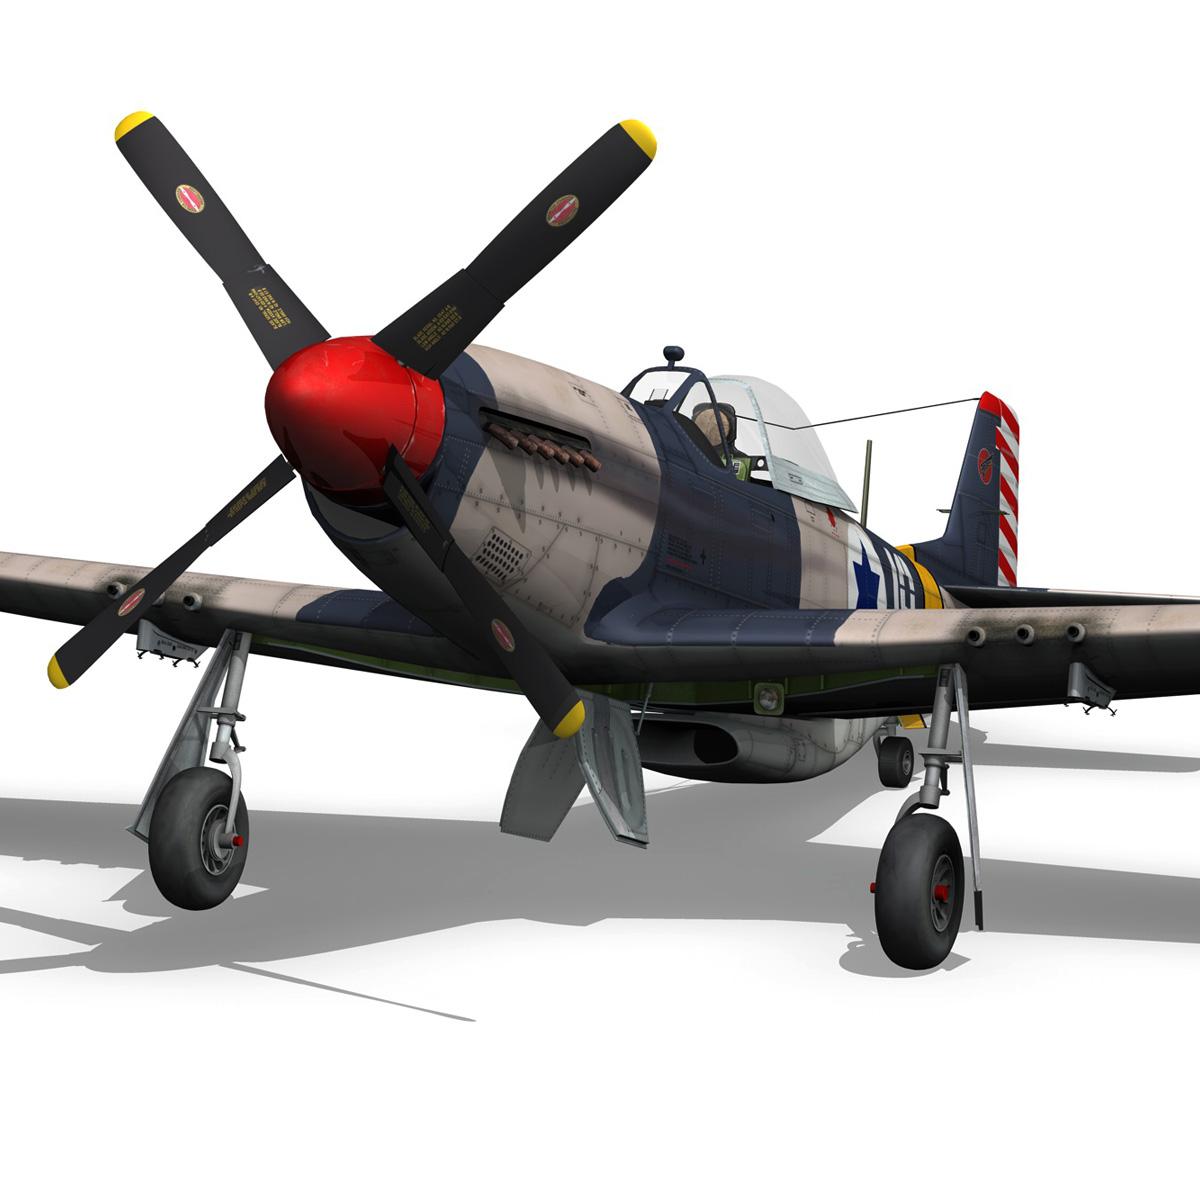 North American P-51D Mustang - IDF 3d model fbx c4d lwo lws lw obj 273315